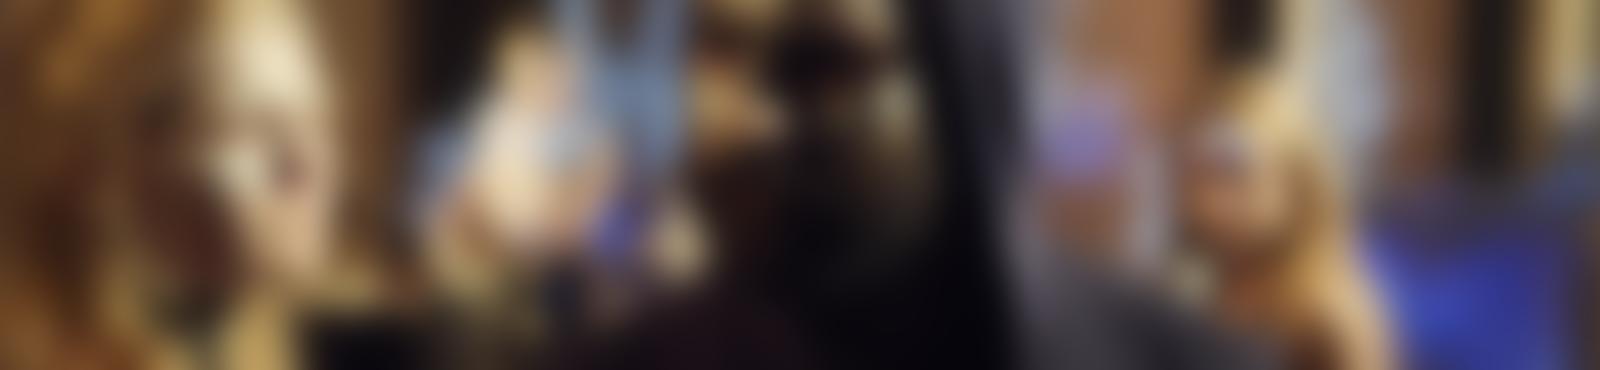 Blurred 9b88a072 5b30 4b8b ab5b b67d8f3378dd